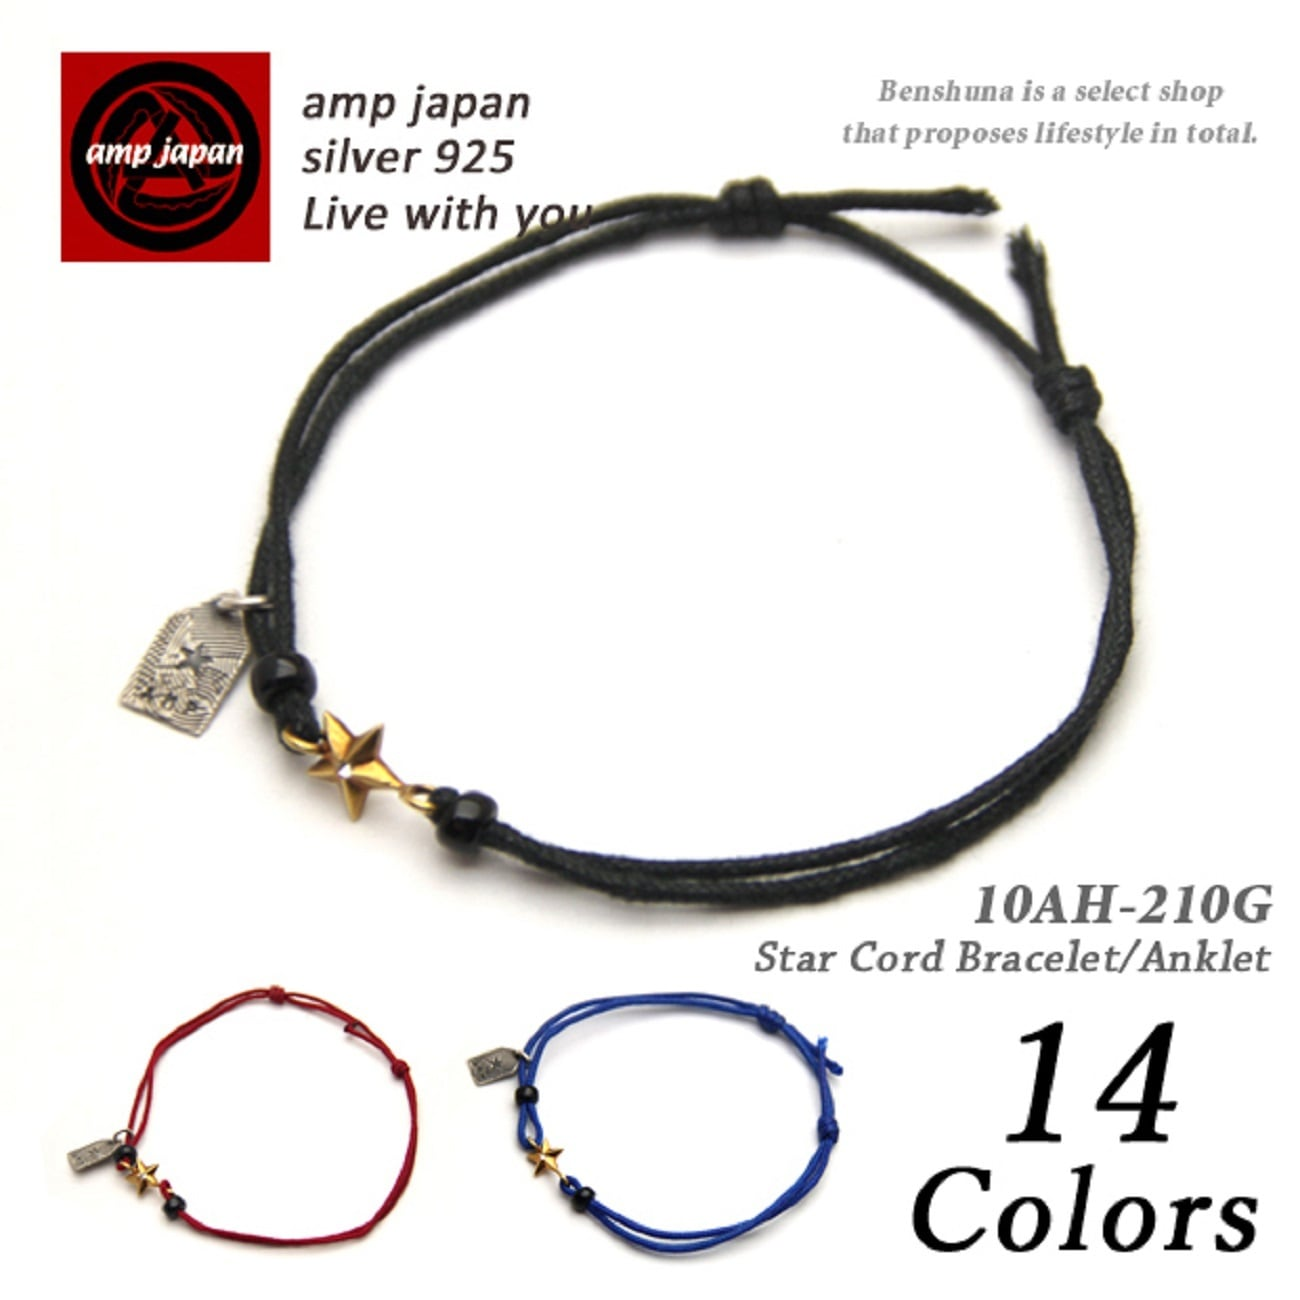 amp japan/アンプジャパン スターコードブレスレット アンクレット 10ah-210g